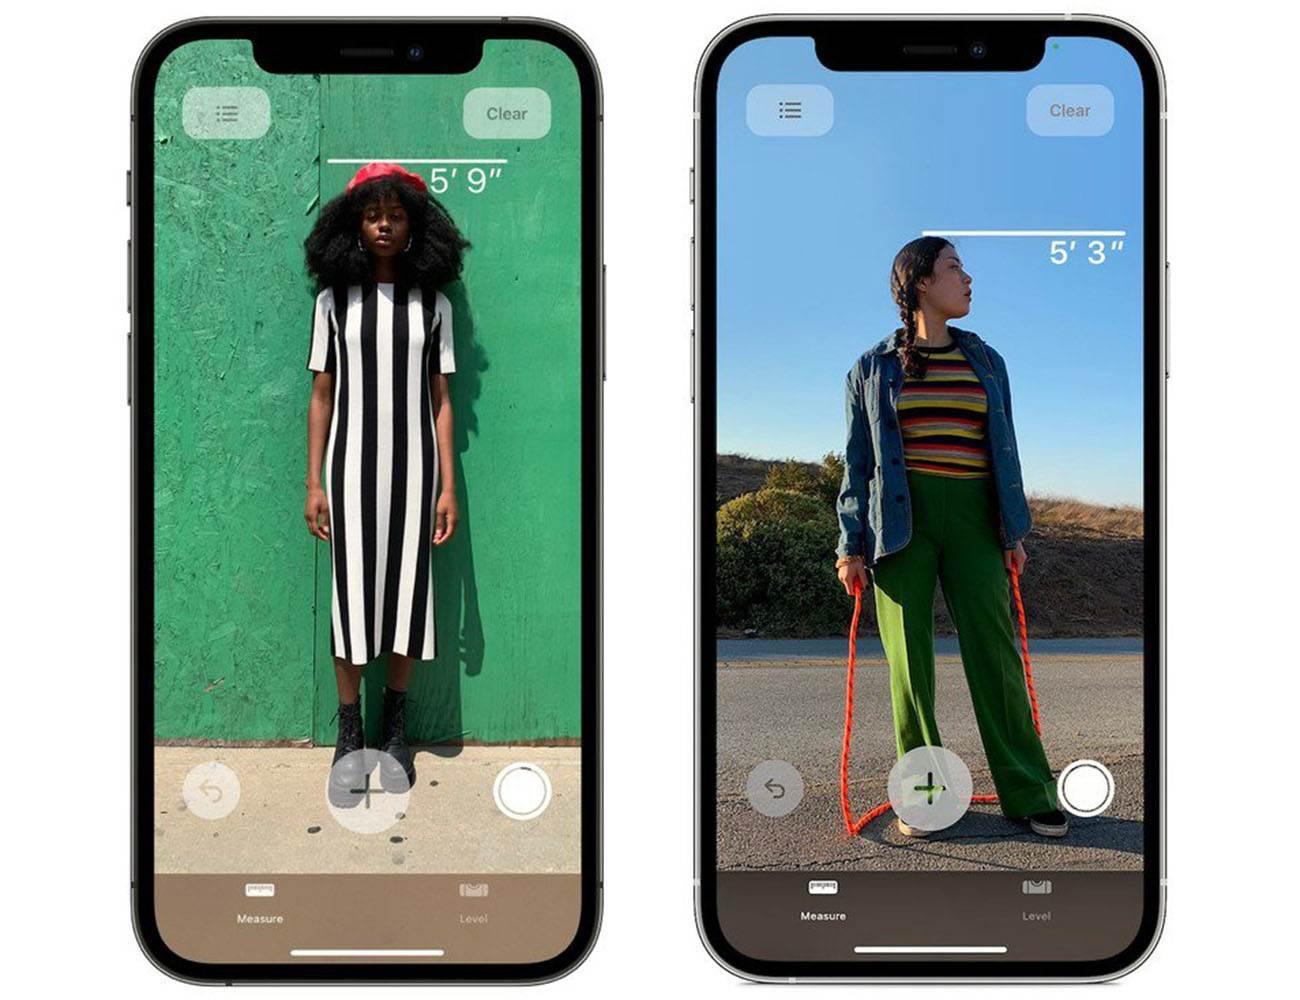 Skaner LiDAR w iPhone 12 Pro / 12 Pro Max pozwala zmierzyć wzrost osoby za pomocą apki Miarka polecane, ciekawostki wzrost, szybki pomiar wzrostu, pomiar wzrostu, Lidar, iPhone12 Pro max, iPhone 12 Pro  iPhone 12 Pro / 12 Pro wyposażony w czujnik LiDAR oprócz lepszych doznań podczas korzystania z AR pozwala także zmierzyć wzrost osoby za pomocą apki Miarka. SkaberLIDAR wzrost